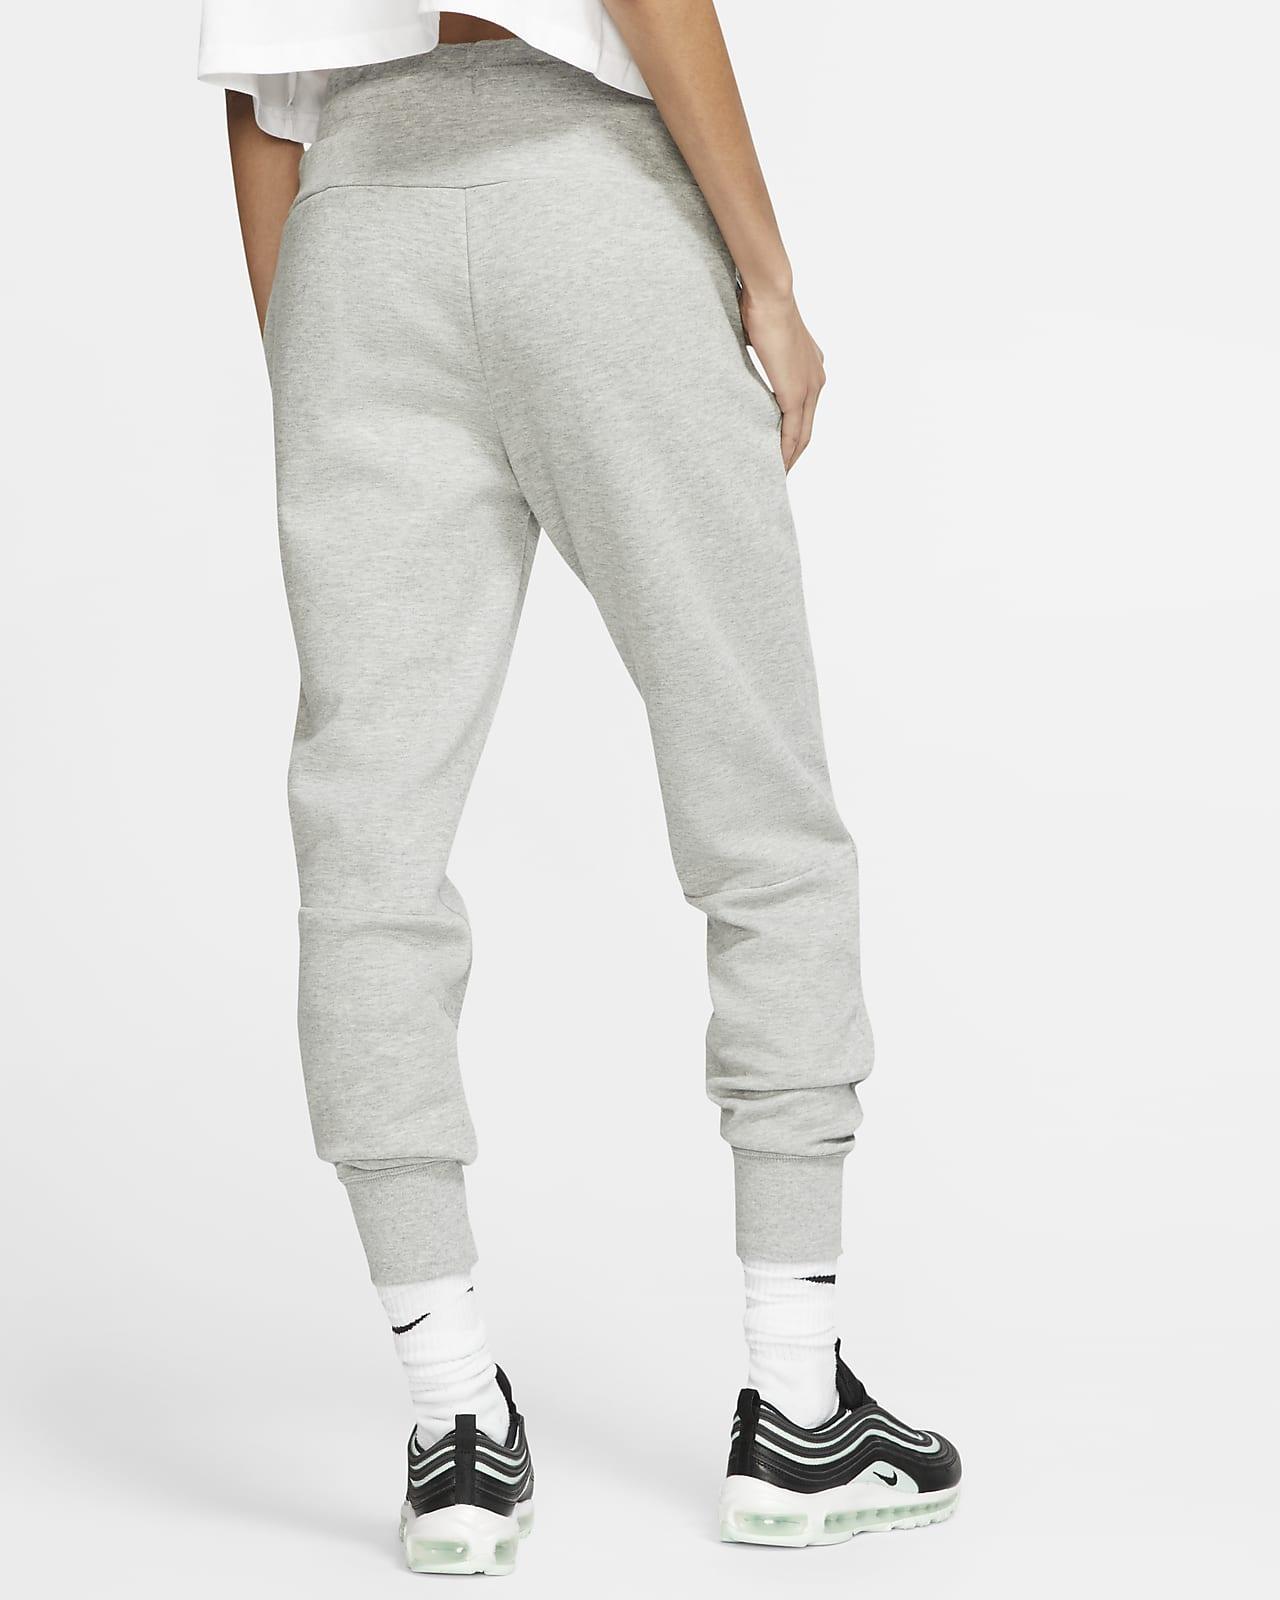 Nike Sportswear Tech Fleece Women S Trousers Nike No